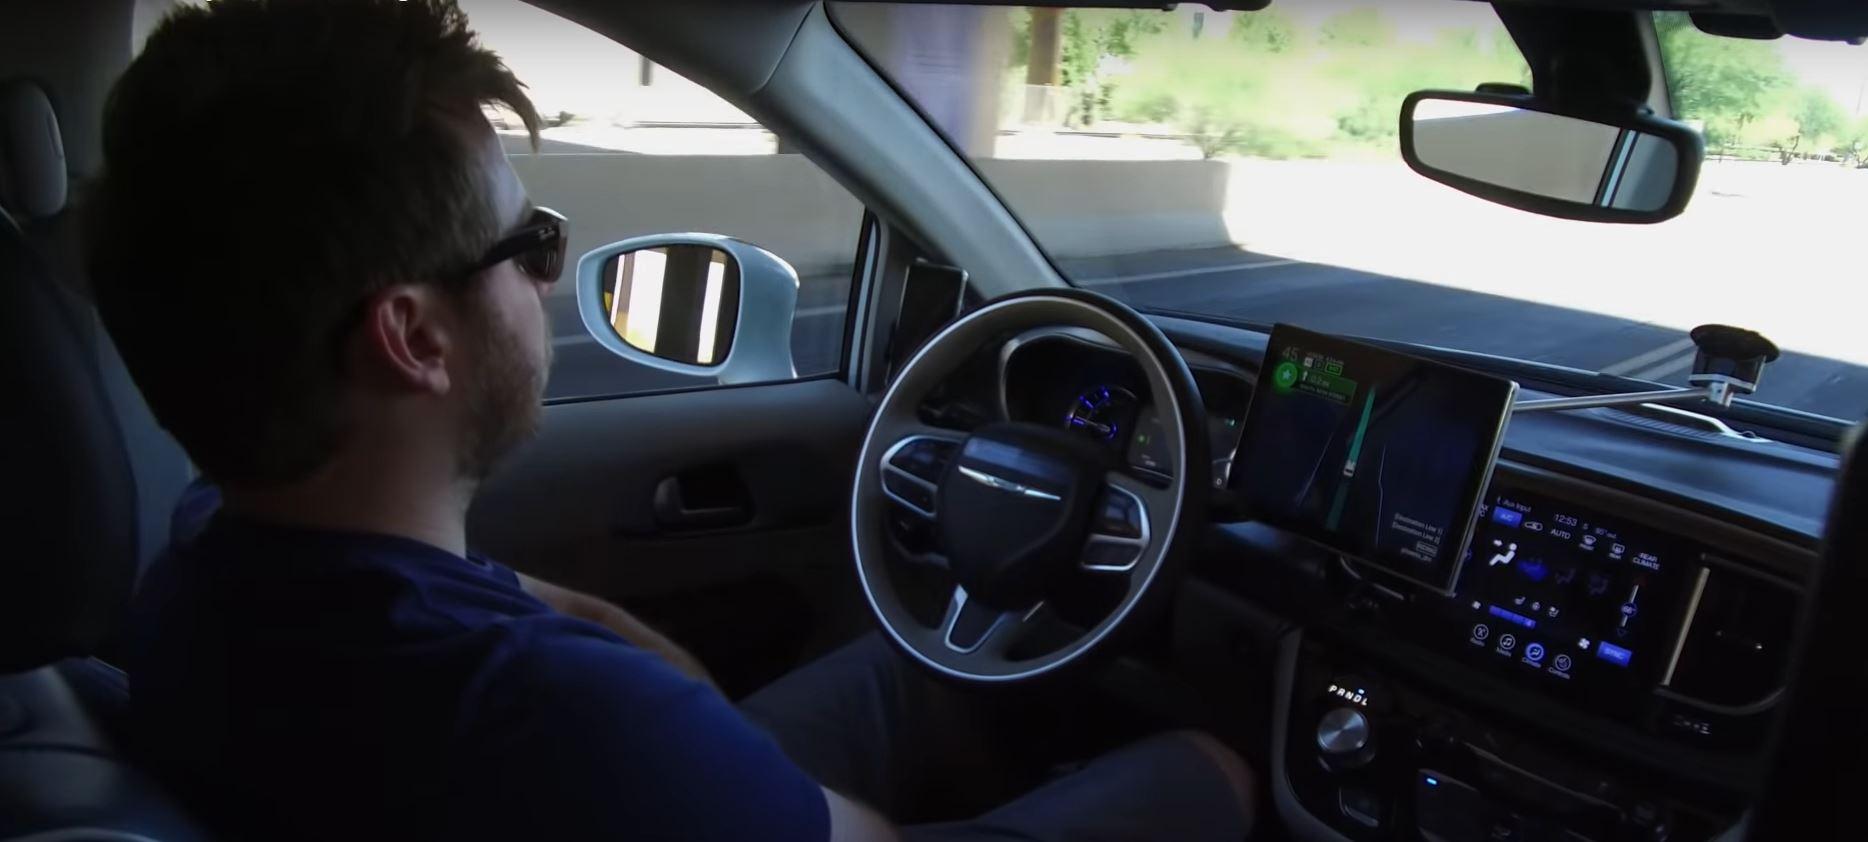 Улучшение алгоритмов искусственного интеллекта делают технологию автономного вождения еще ближе